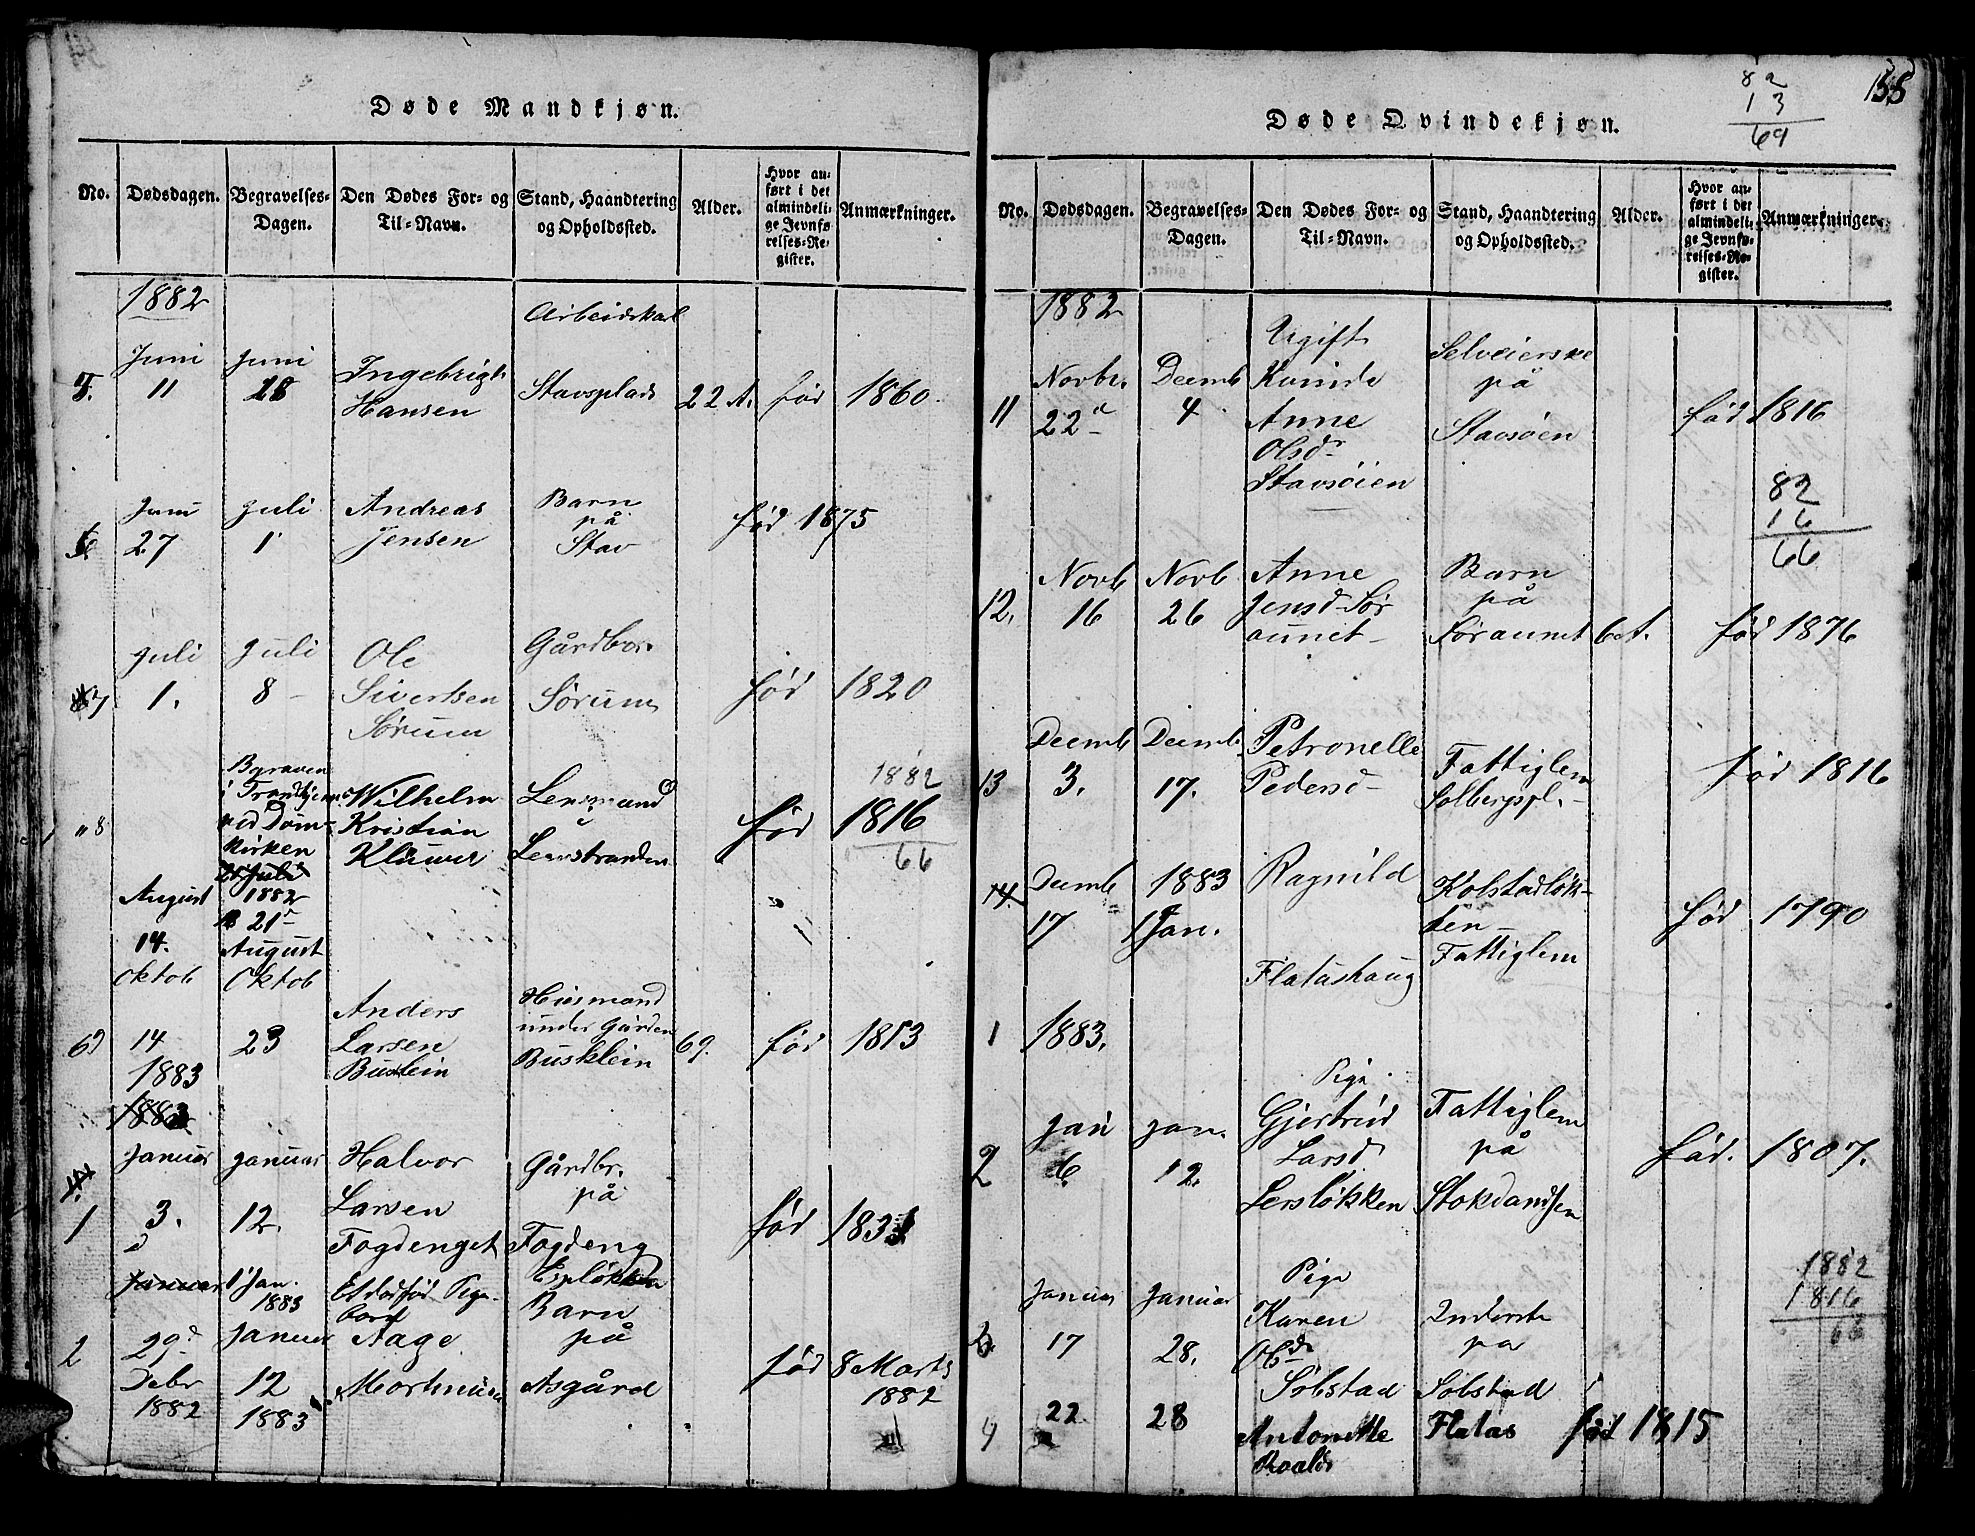 SAT, Ministerialprotokoller, klokkerbøker og fødselsregistre - Sør-Trøndelag, 613/L0393: Klokkerbok nr. 613C01, 1816-1886, s. 155